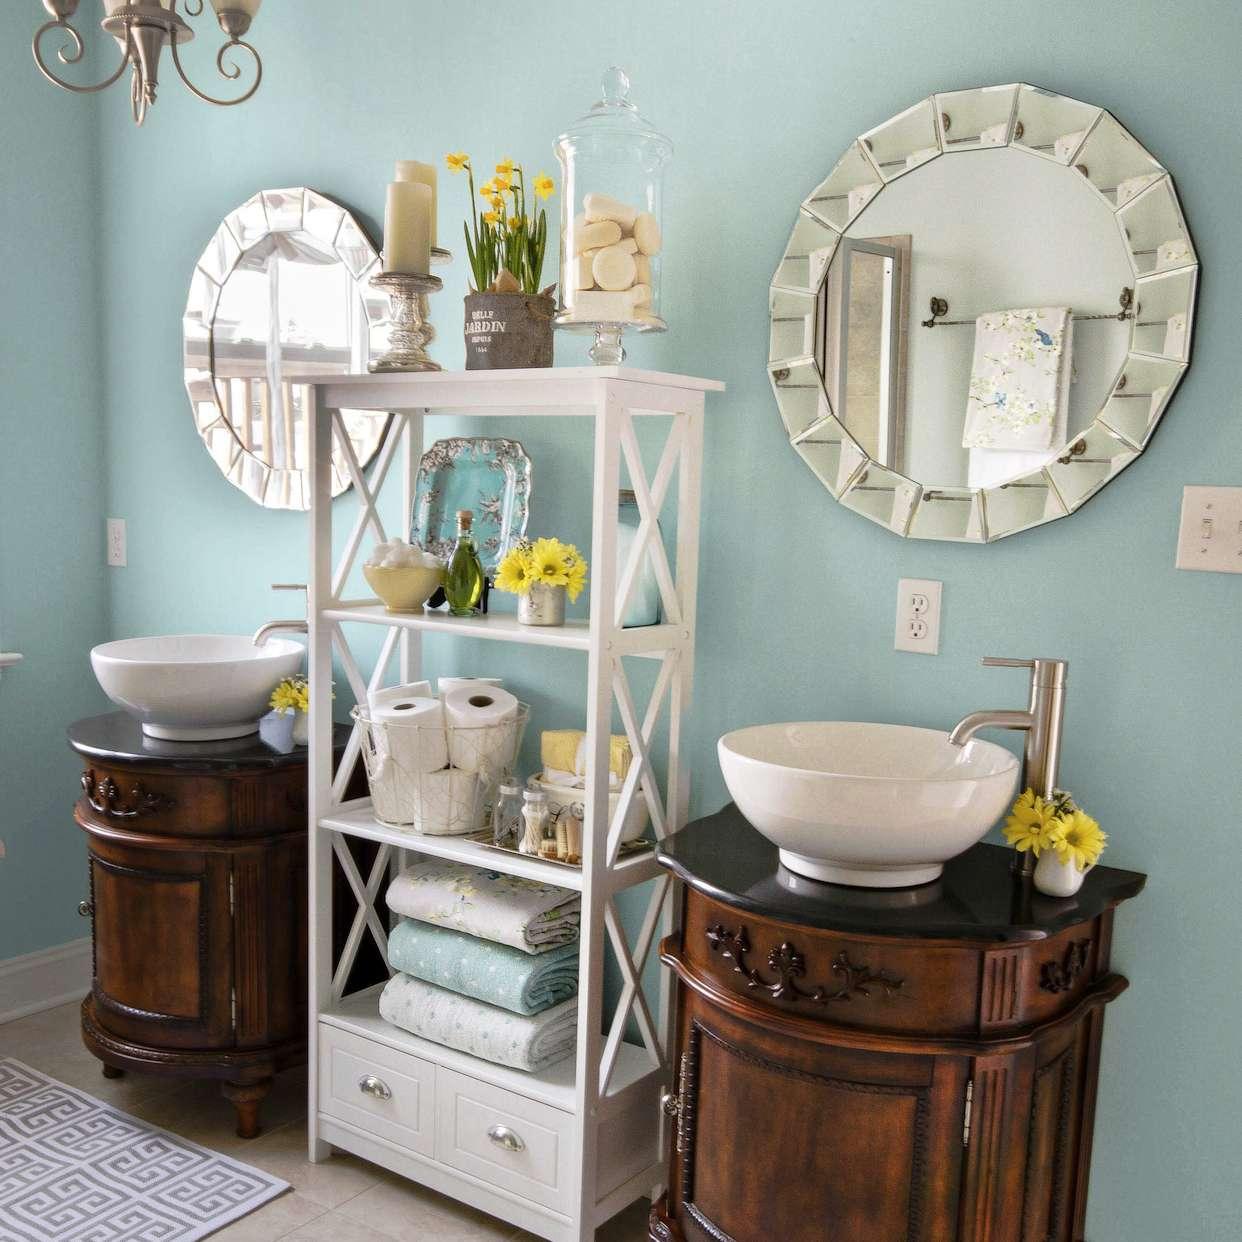 Blue bathroom with double vanities